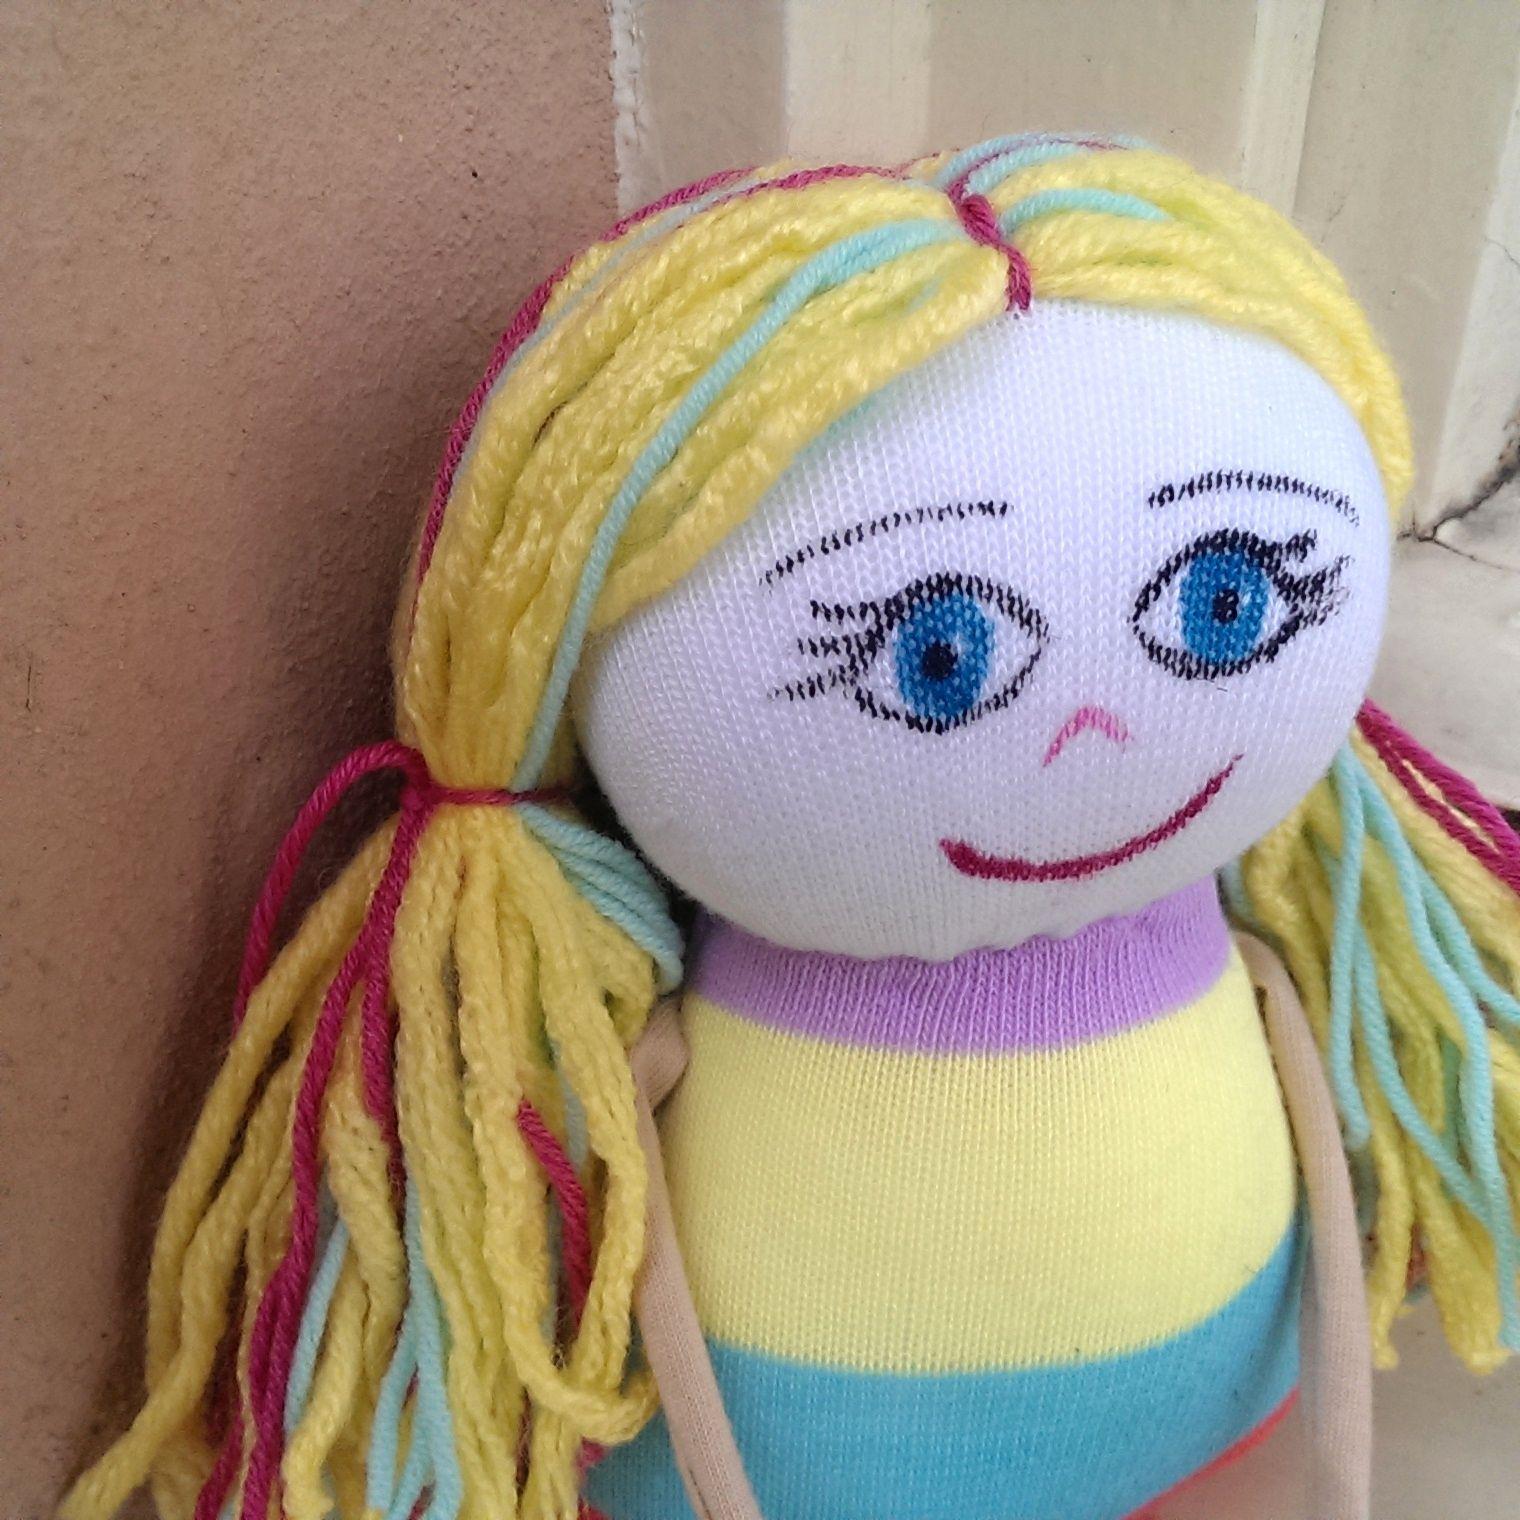 PonoŽenka Kája PonoŽenky jsou barevné, veselé a přátelské panenky z ponožek. Vlásky mají z vlny a obličej malovaný zafixovanými textilními barvami. Vyplněné jsou polštářovou výplní. Kája je veselá slečna v barevných šatkách, potěší každou malou slečnu, které bude skvělou kamarádkou. Je velká cca 30 cm vč. nožiček. Na PonoŽenku Vám ráda vyšiju jméno ...